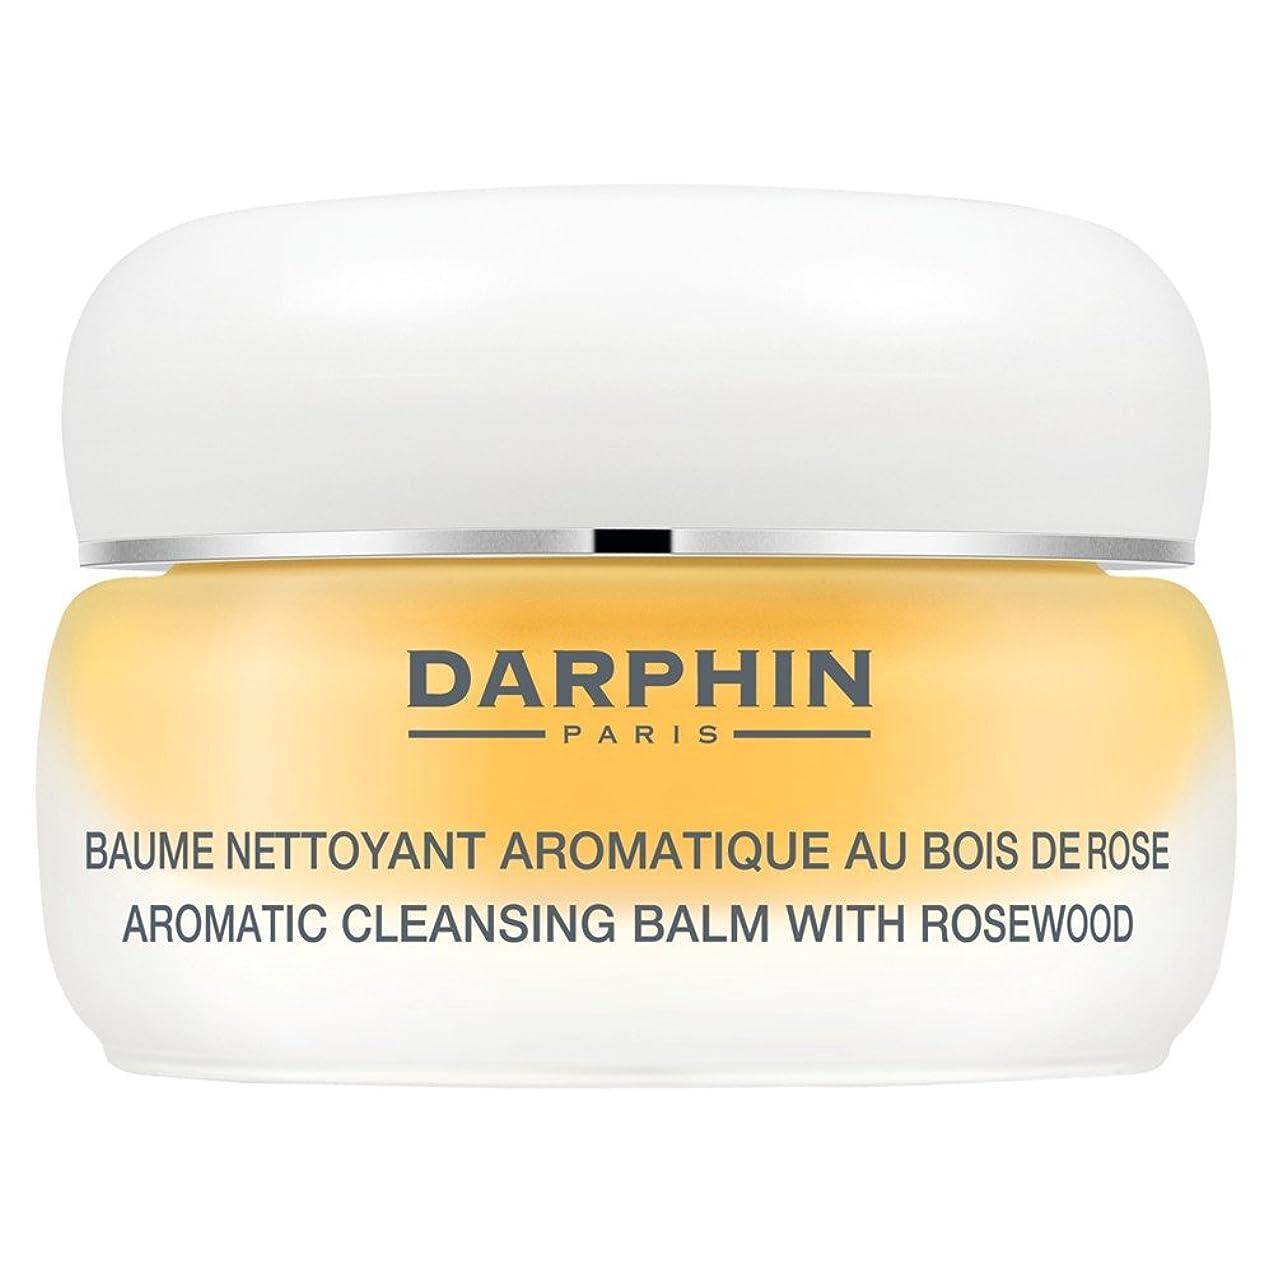 振りかけるハドル病的ダルファン芳香族クレンジングバーム40ミリリットル (Darphin) - Darphin Aromatic Cleansing Balm 40ml [並行輸入品]